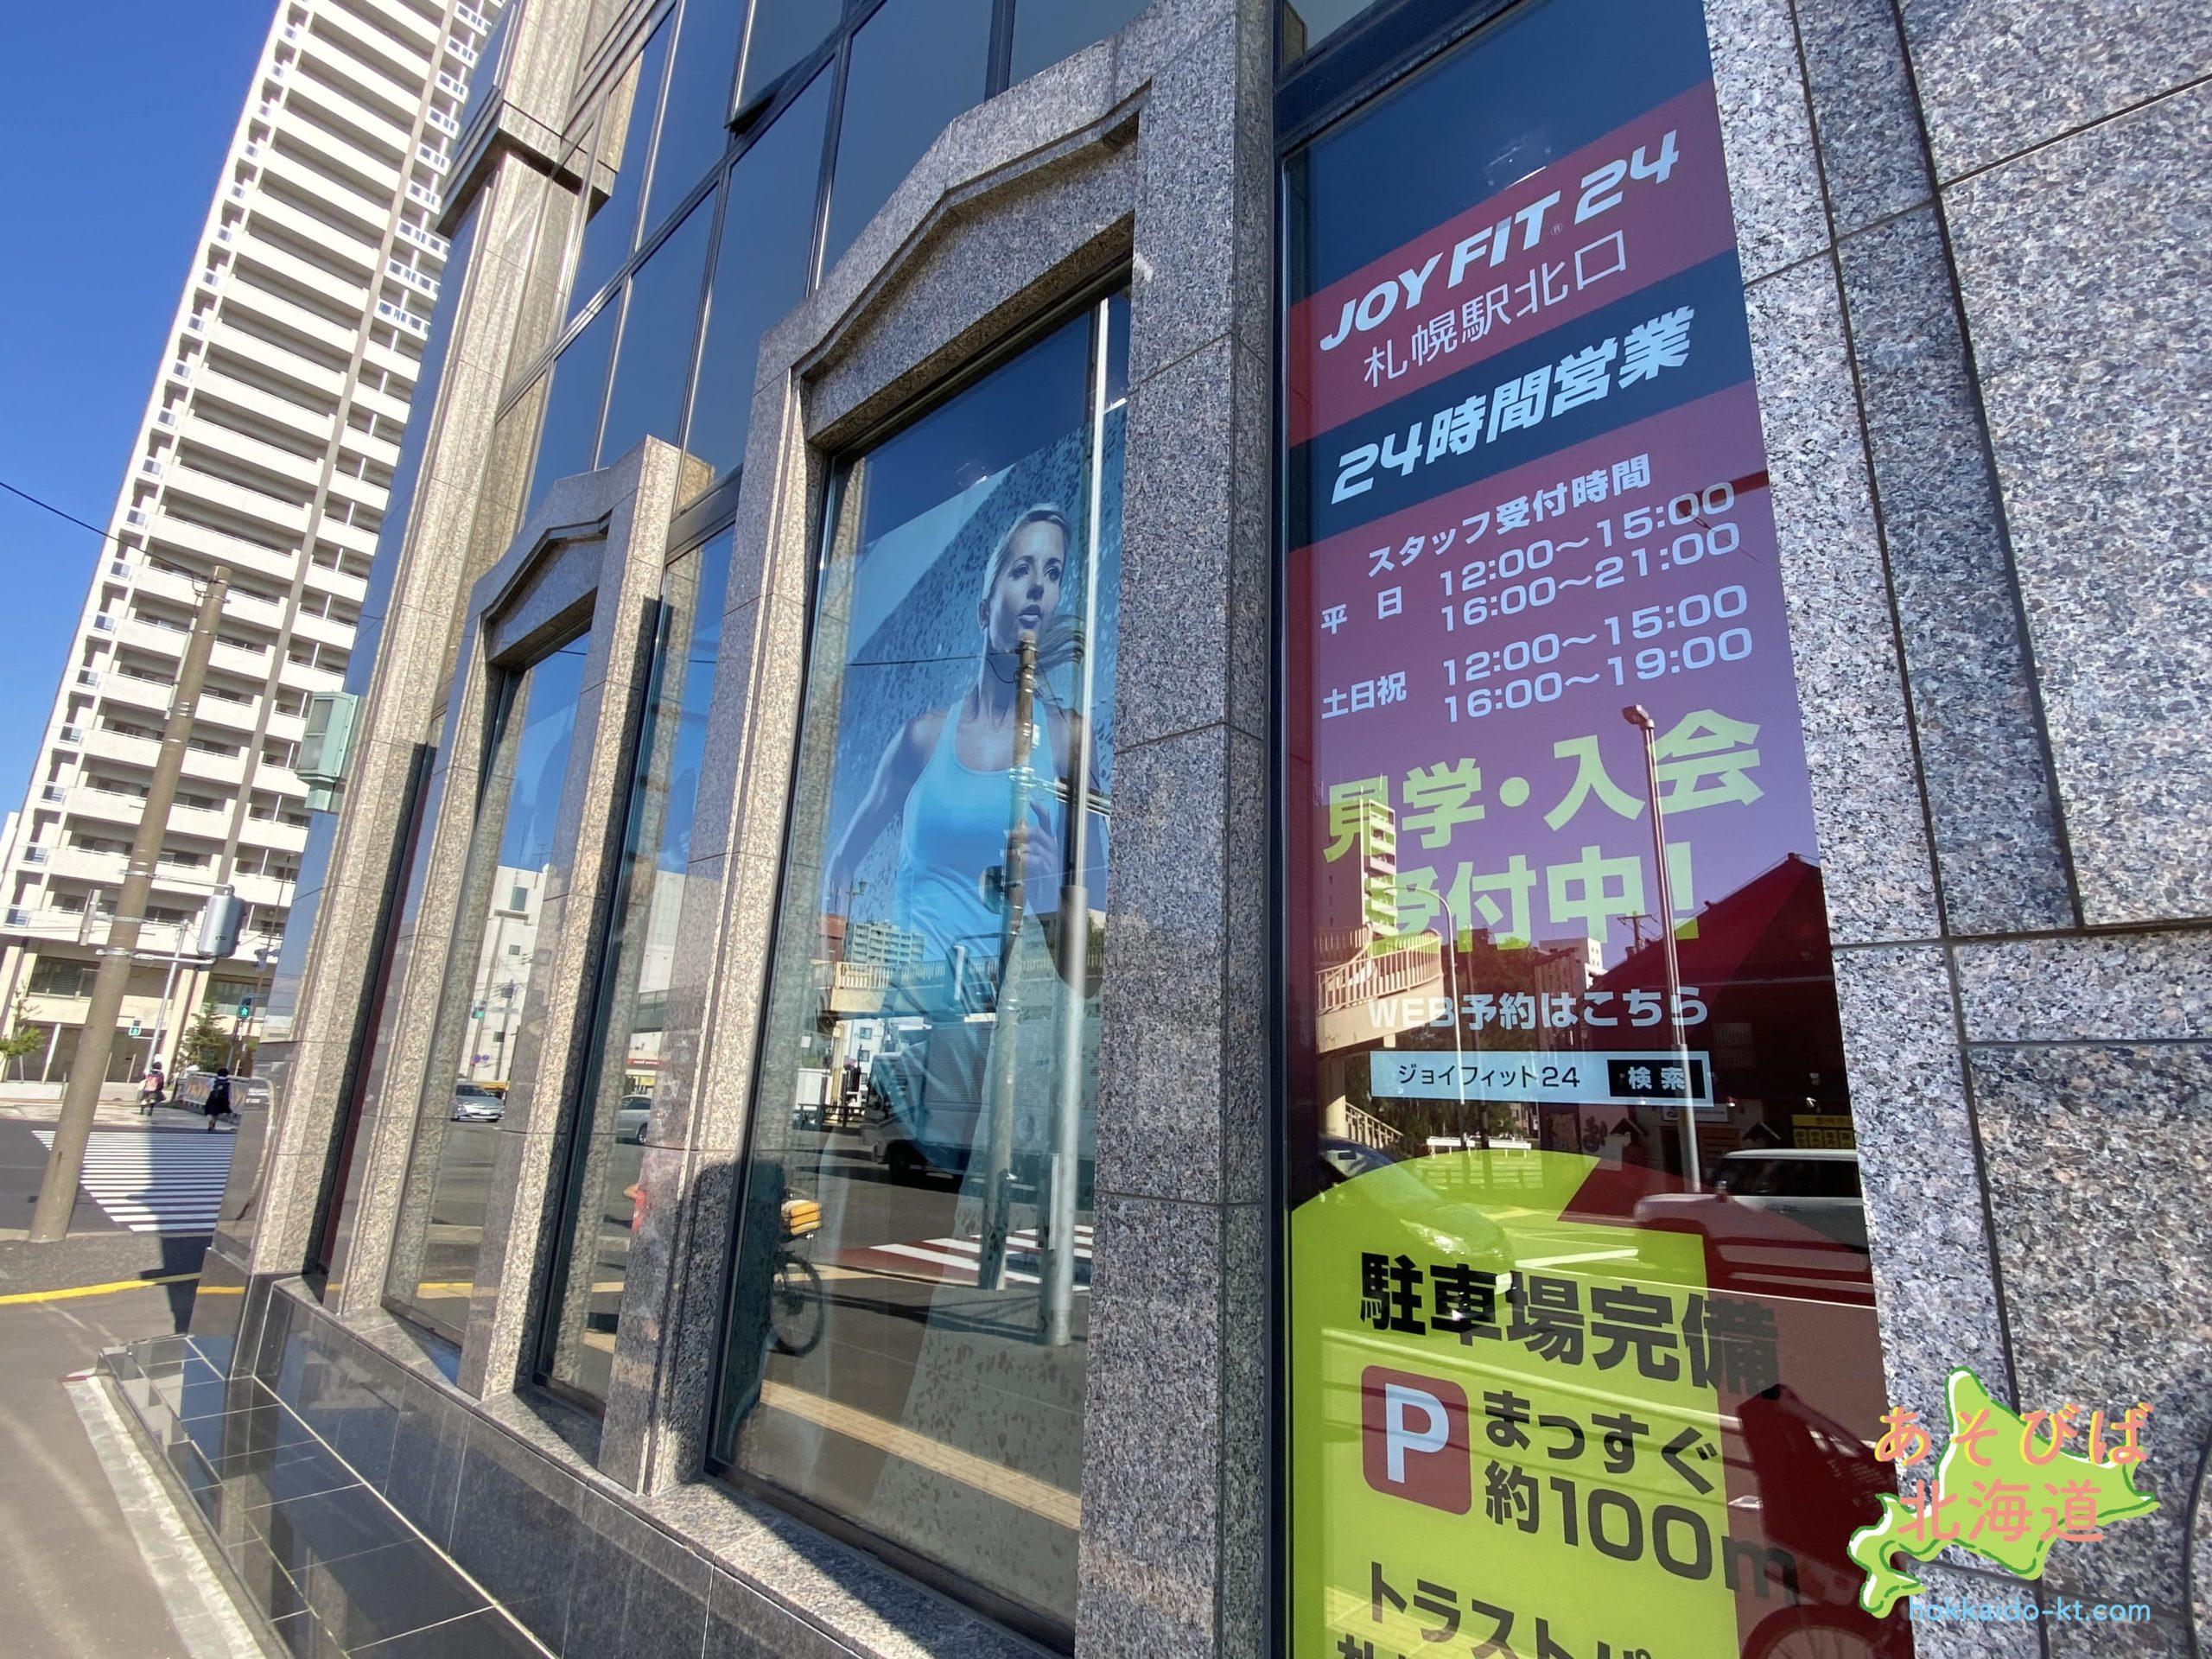 ジョイフィット24札幌駅北口店